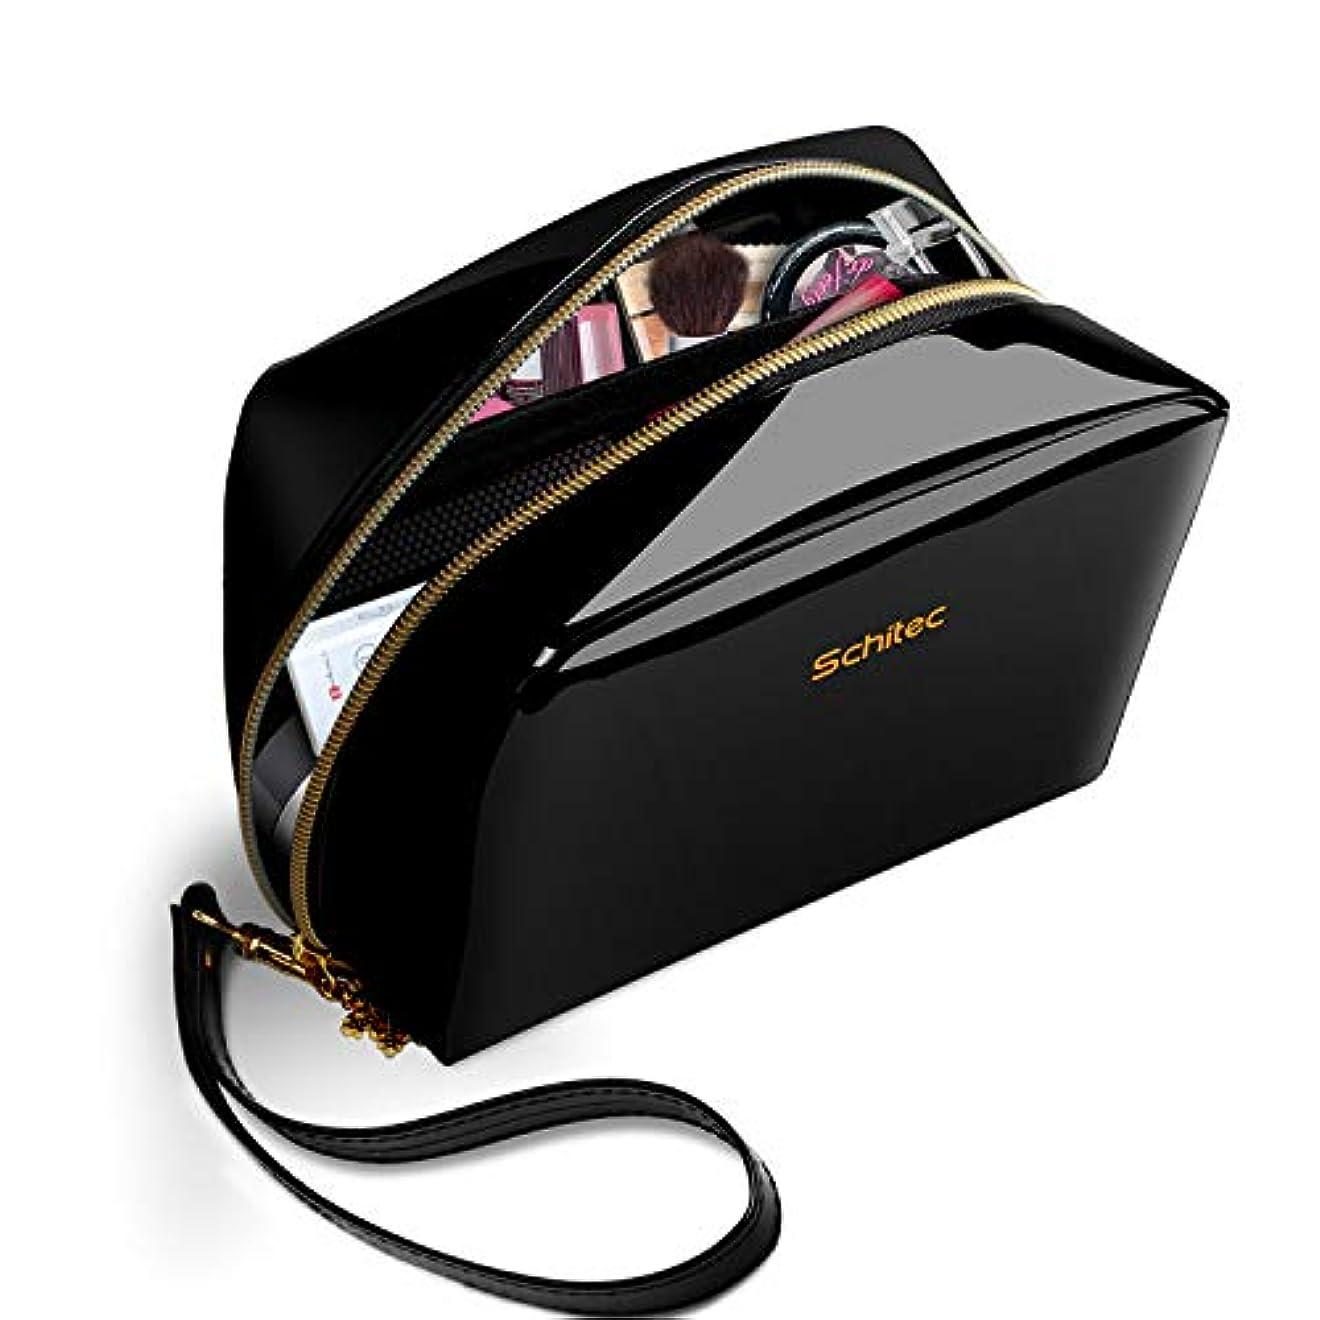 日はしごテメリティ化粧ポーチ メイクポーチ ミニ 財布 機能的 大容量 化粧品収納 小物入れ 普段使い 出張 旅行 メイク ブラシ バッグ 化粧バッグ